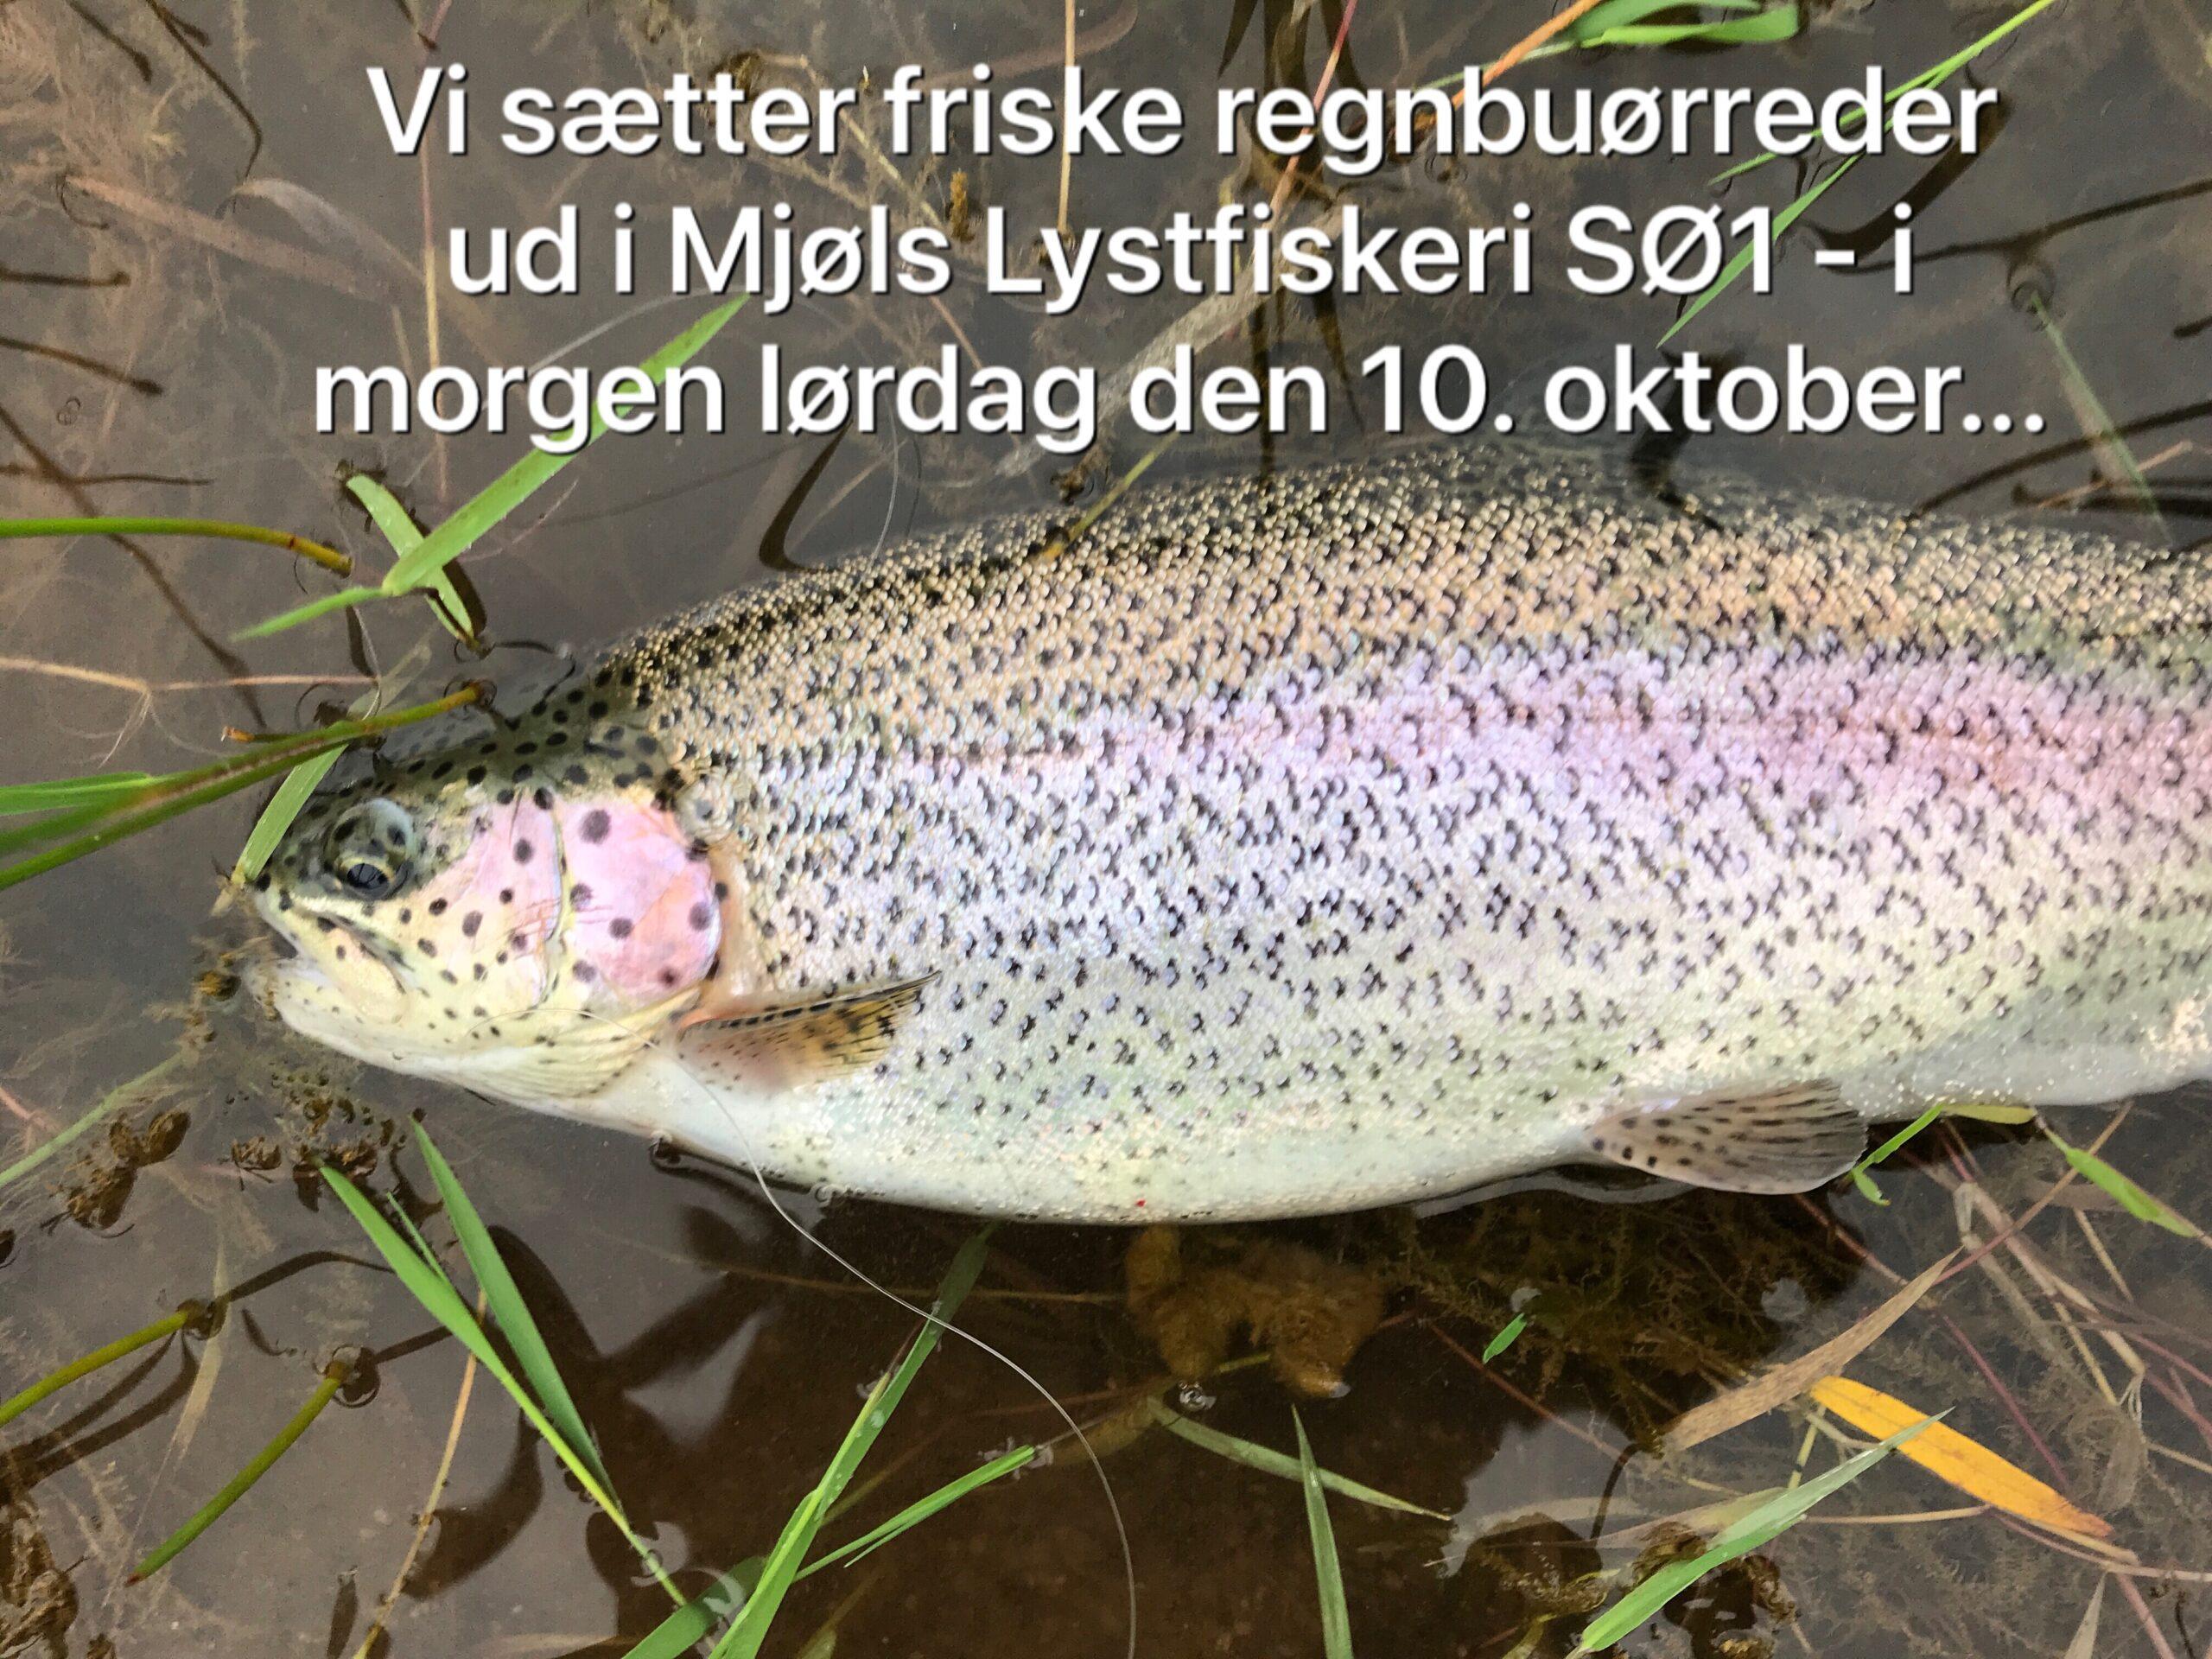 SØ1 – Friske fisk i morgen lørdag den 10. oktober